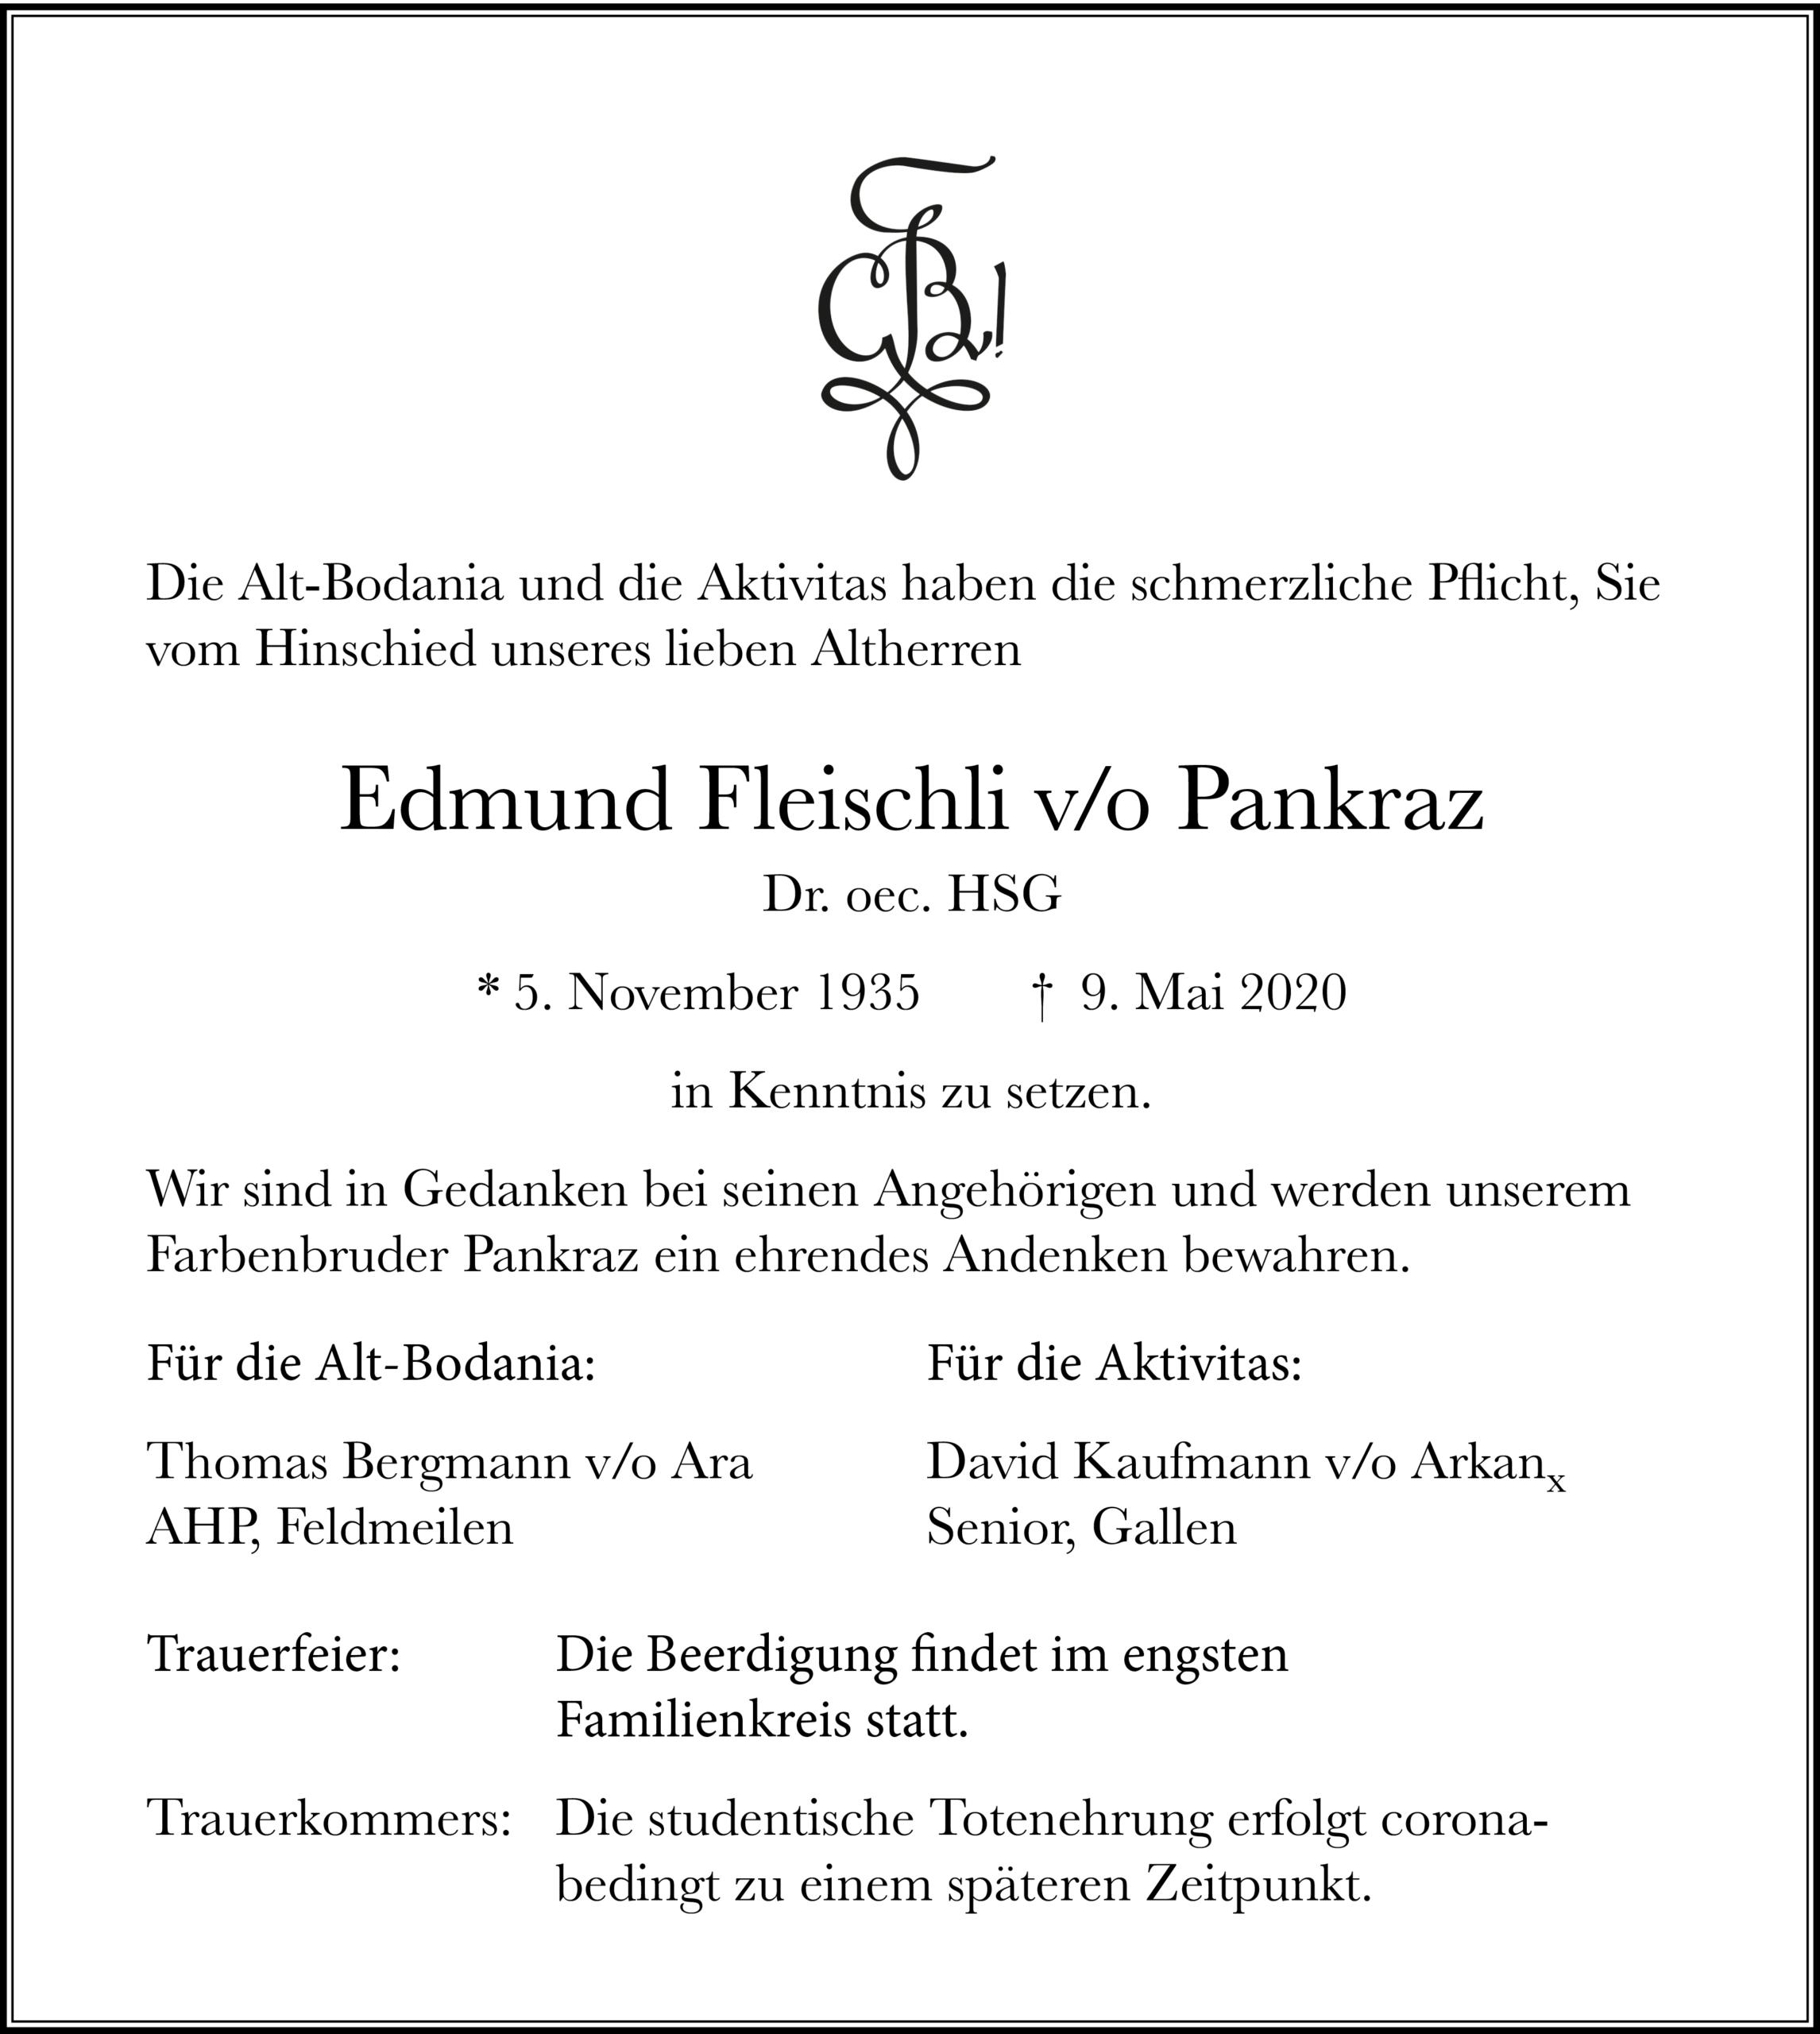 Edmund Fleischli v/o Pankraz †